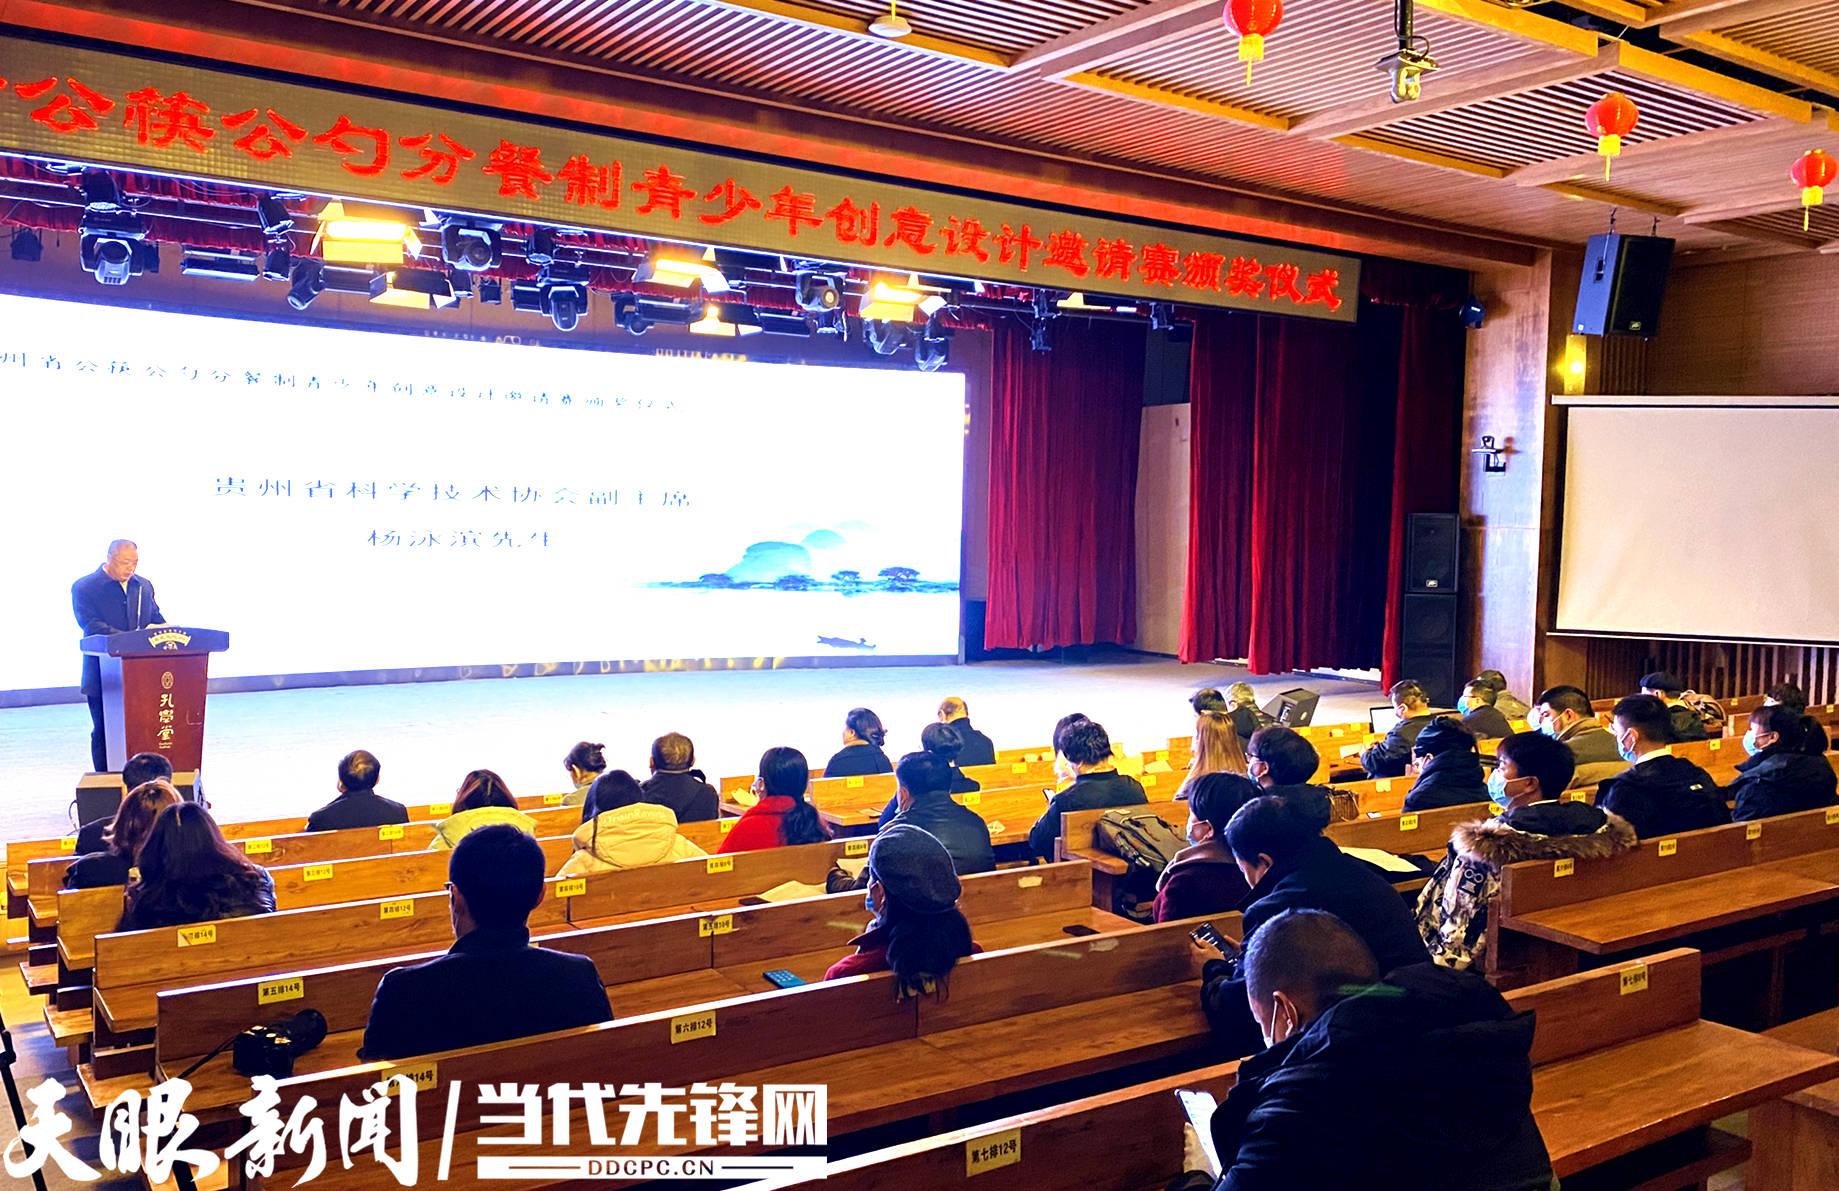 贵州省青少年筷子勺子创意设计邀请赛在贵阳举行